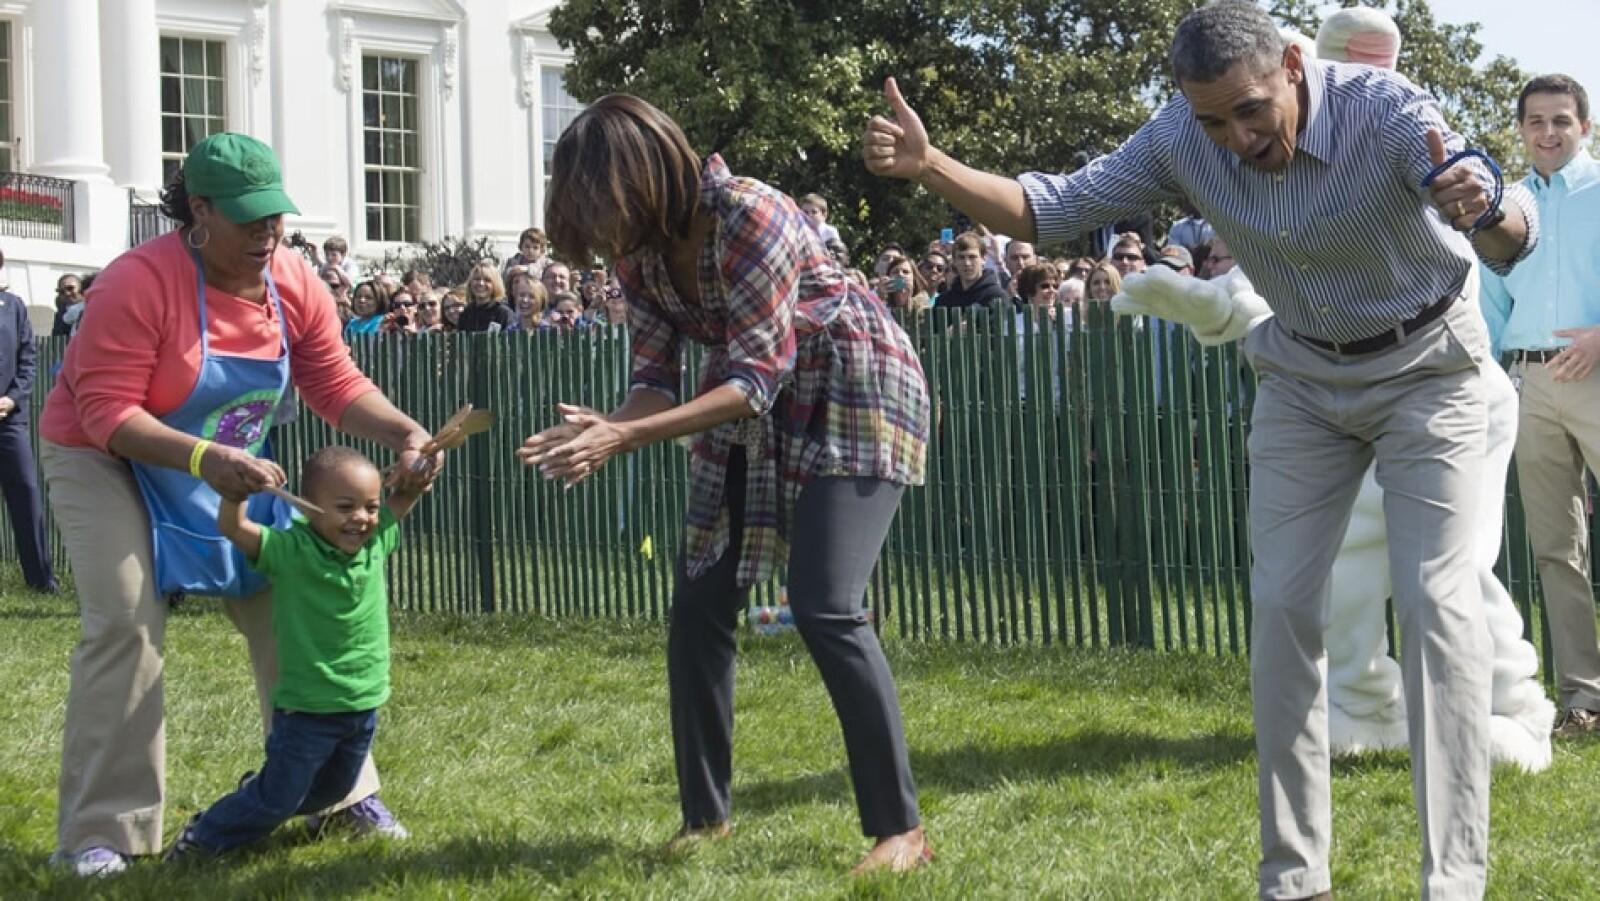 Barack y Michelle Obama reaccionan luego de que un menor encontrará un nuevo en la competencia anual estadounidense